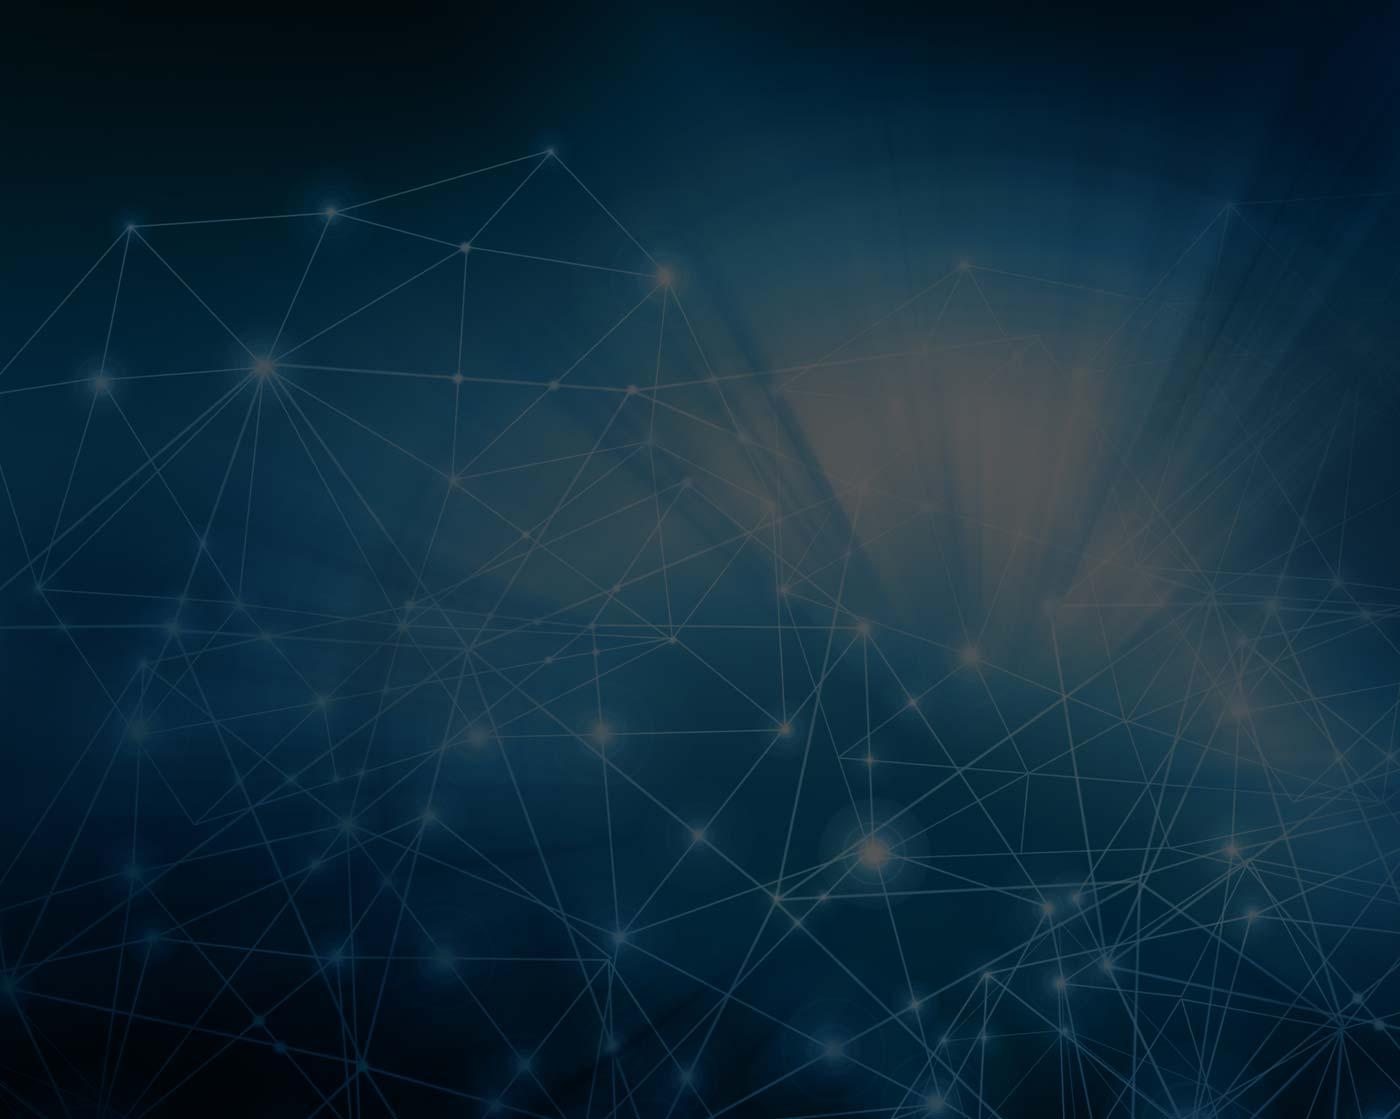 Immagine astratta relativa a servizi ICT